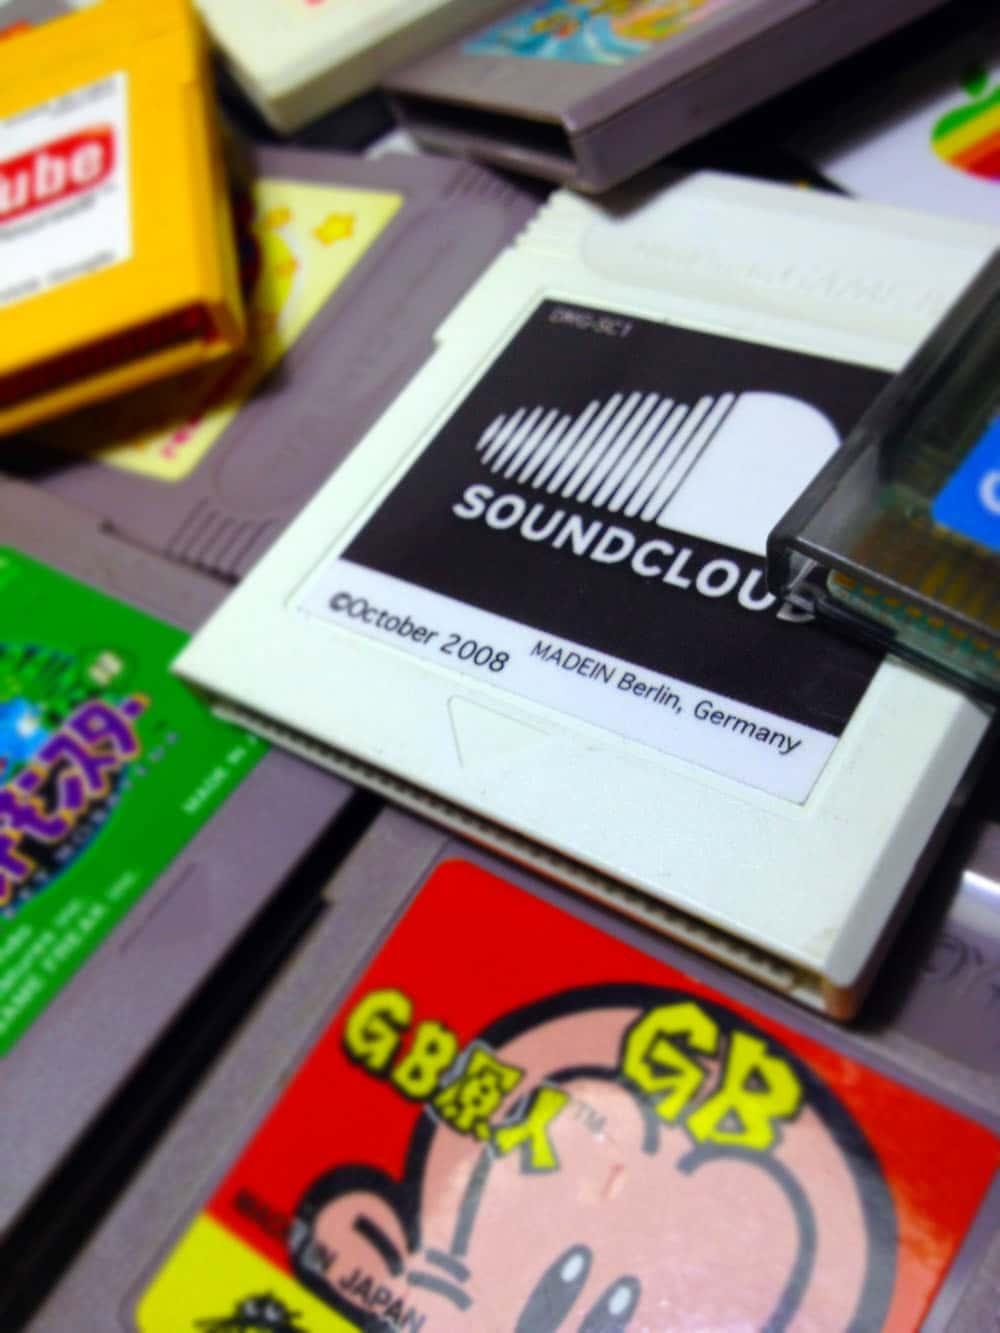 Nintendo-Game-Boy-Social-Media